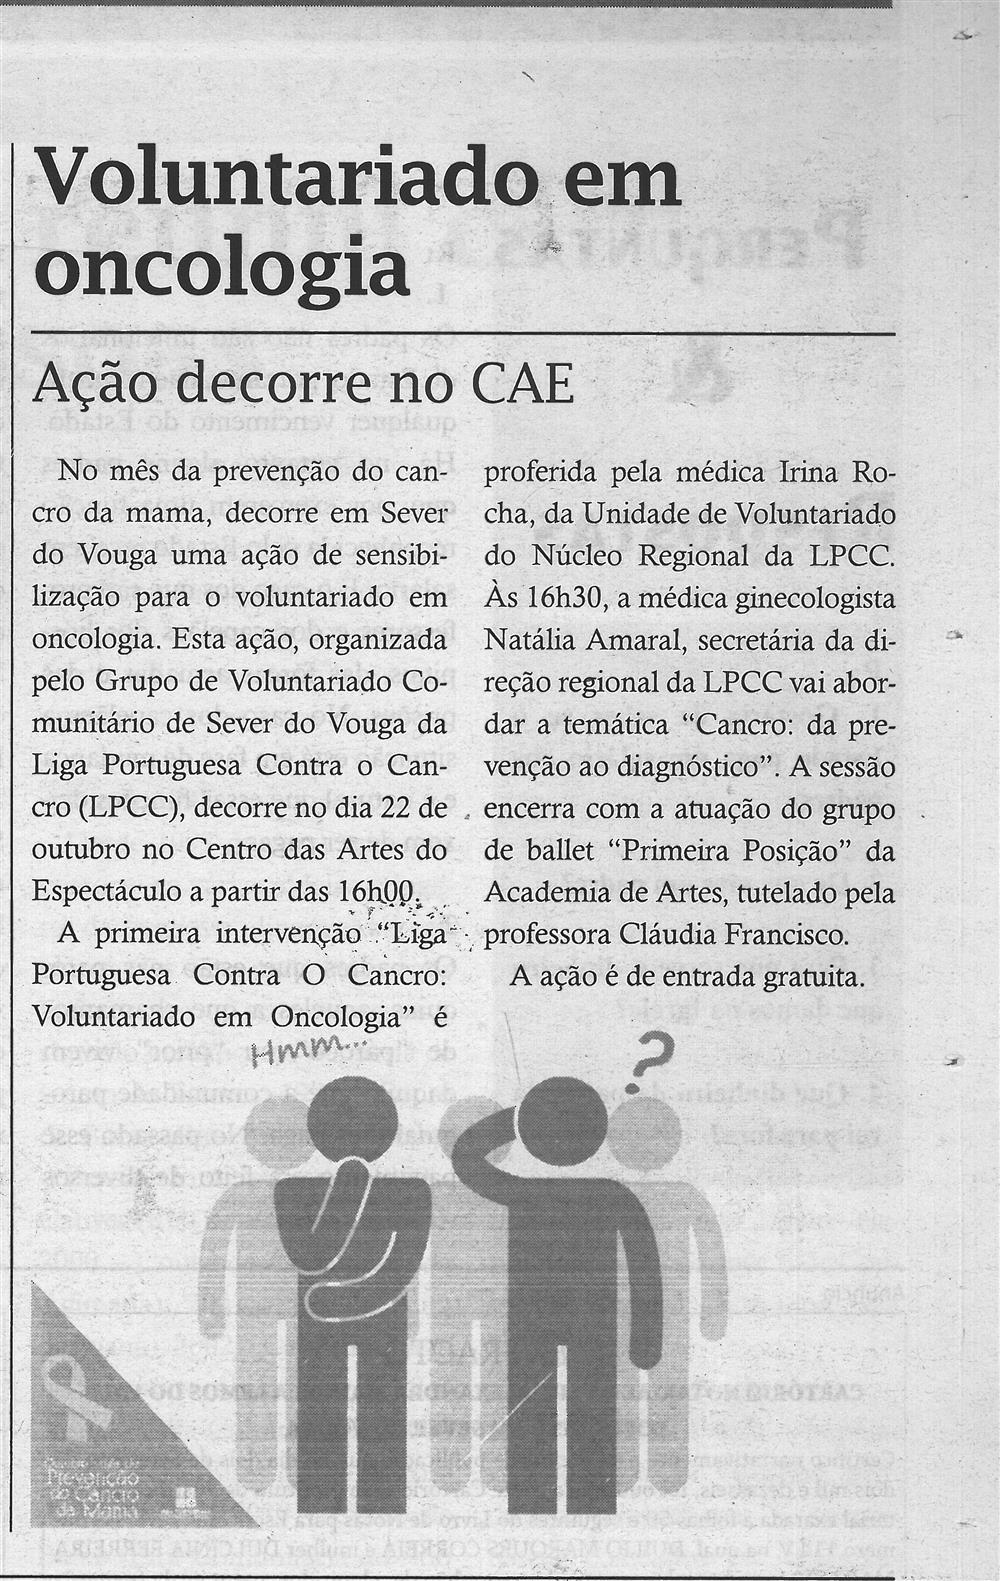 TV-out.'16-p.13-Voluntariado em oncologia : ação decorre no CAE.jpg